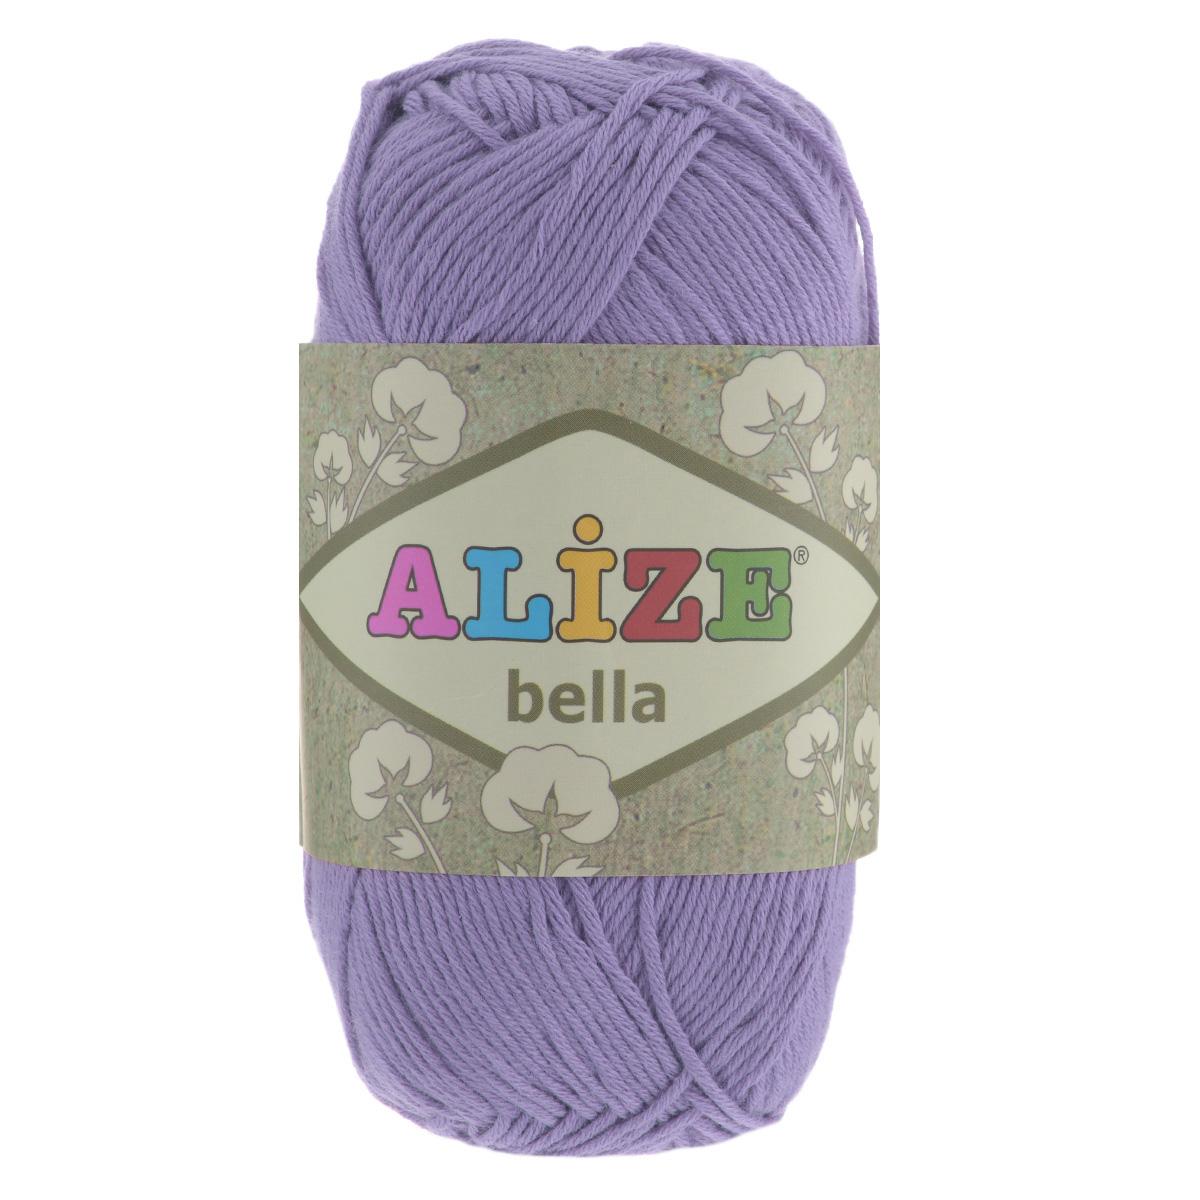 Пряжа для вязания Alize Bella, цвет: лавандовый (158), 180 м, 50 г, 5 шт364124_158Пряжа Alize Bella подходит для ручного вязания детям и взрослым. Пряжа однотонная, приятная на ощупь, хорошо лежит в полотне. Изделия из такой нити получаются мягкие и красивые. Рекомендованные спицы 2-4 мм и крючок для вязания 1-3 мм. Комплектация: 5 мотков. Состав: 100% хлопок.